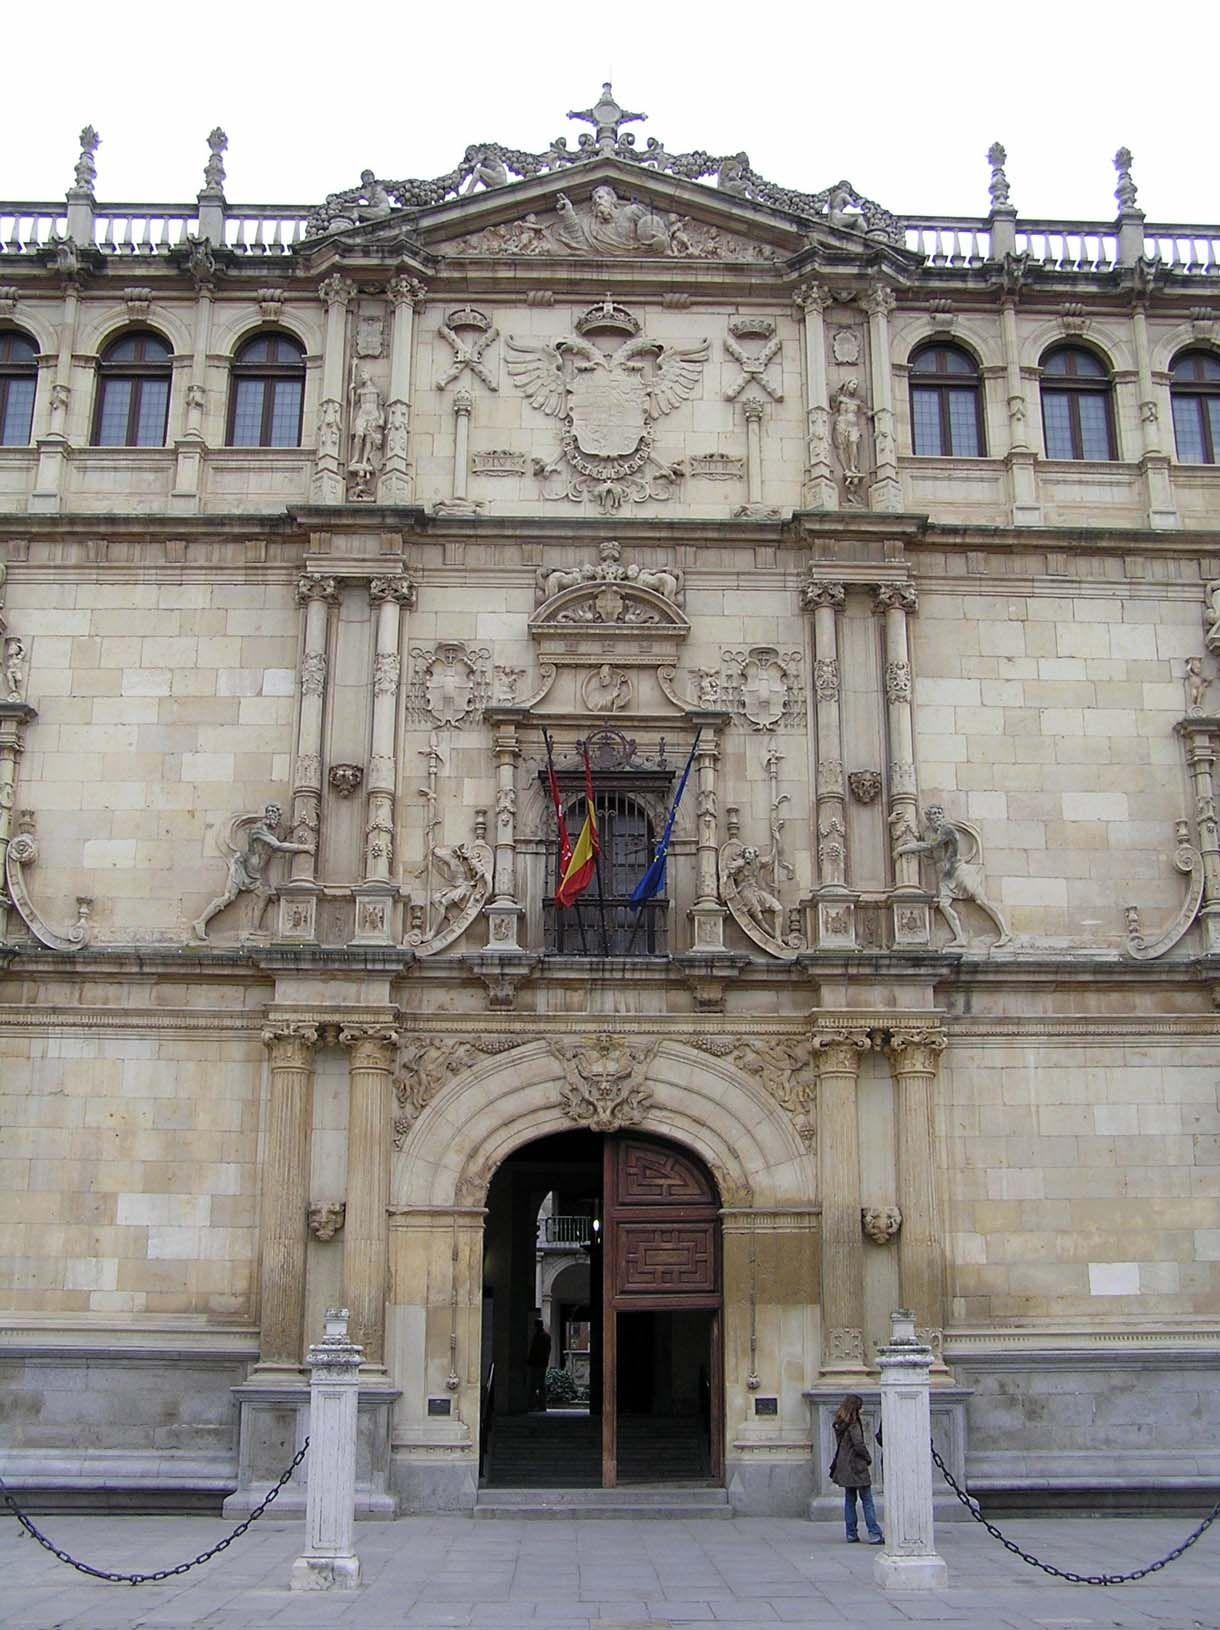 Fachada Universidad de Alcalá de Henares, Madrid.